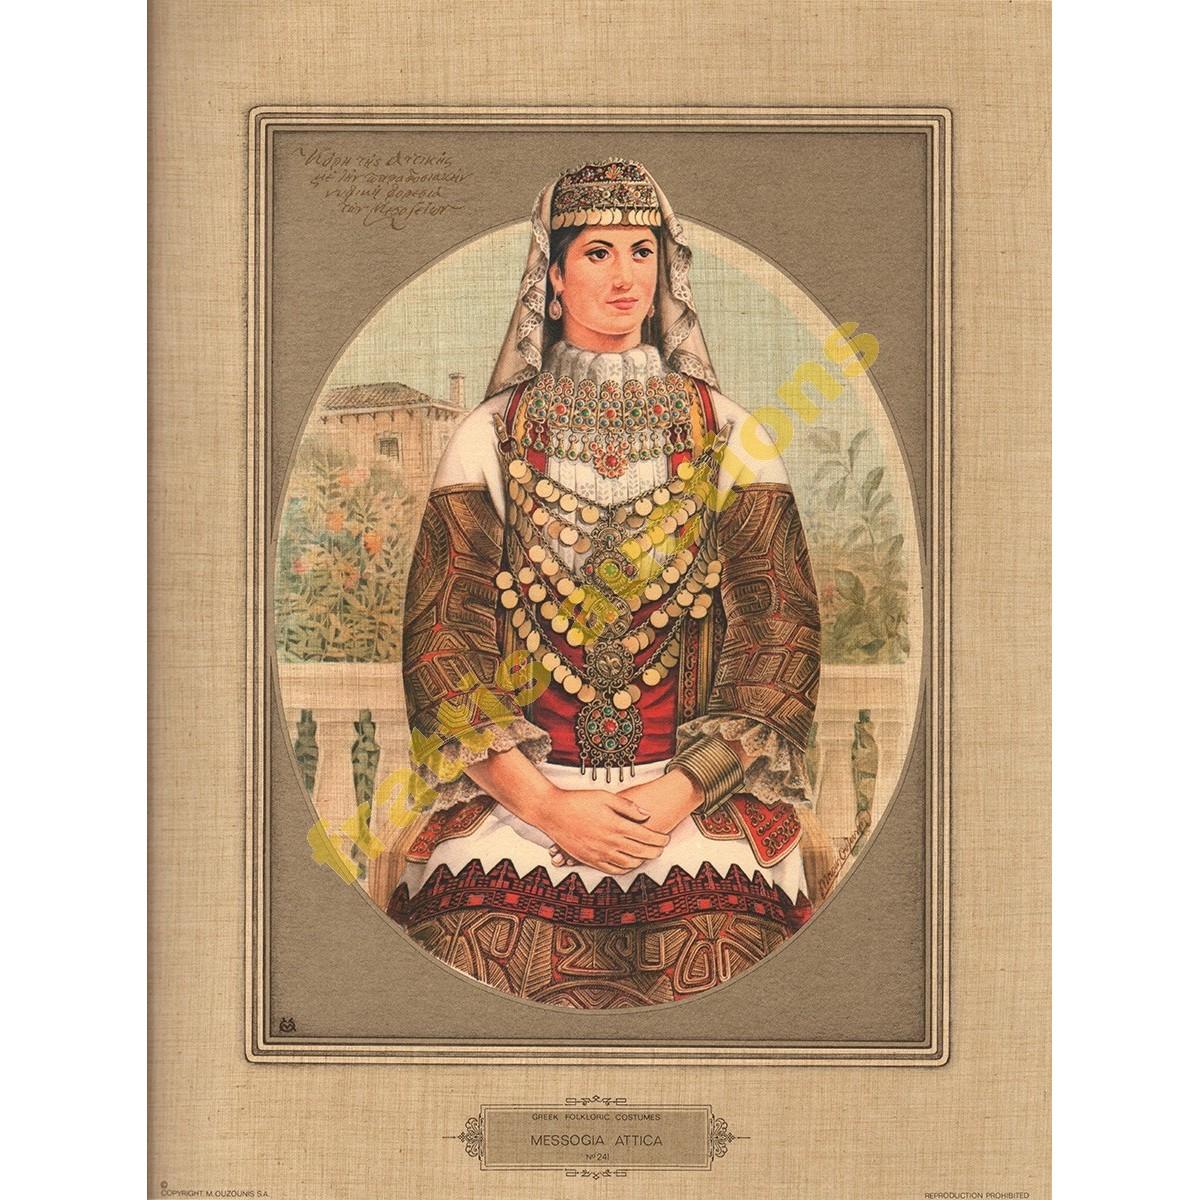 ΣΠΑΤΑ Αφίσα Γυναίκας με Παραδοσιακή Φορεσιά Μεσογείων.